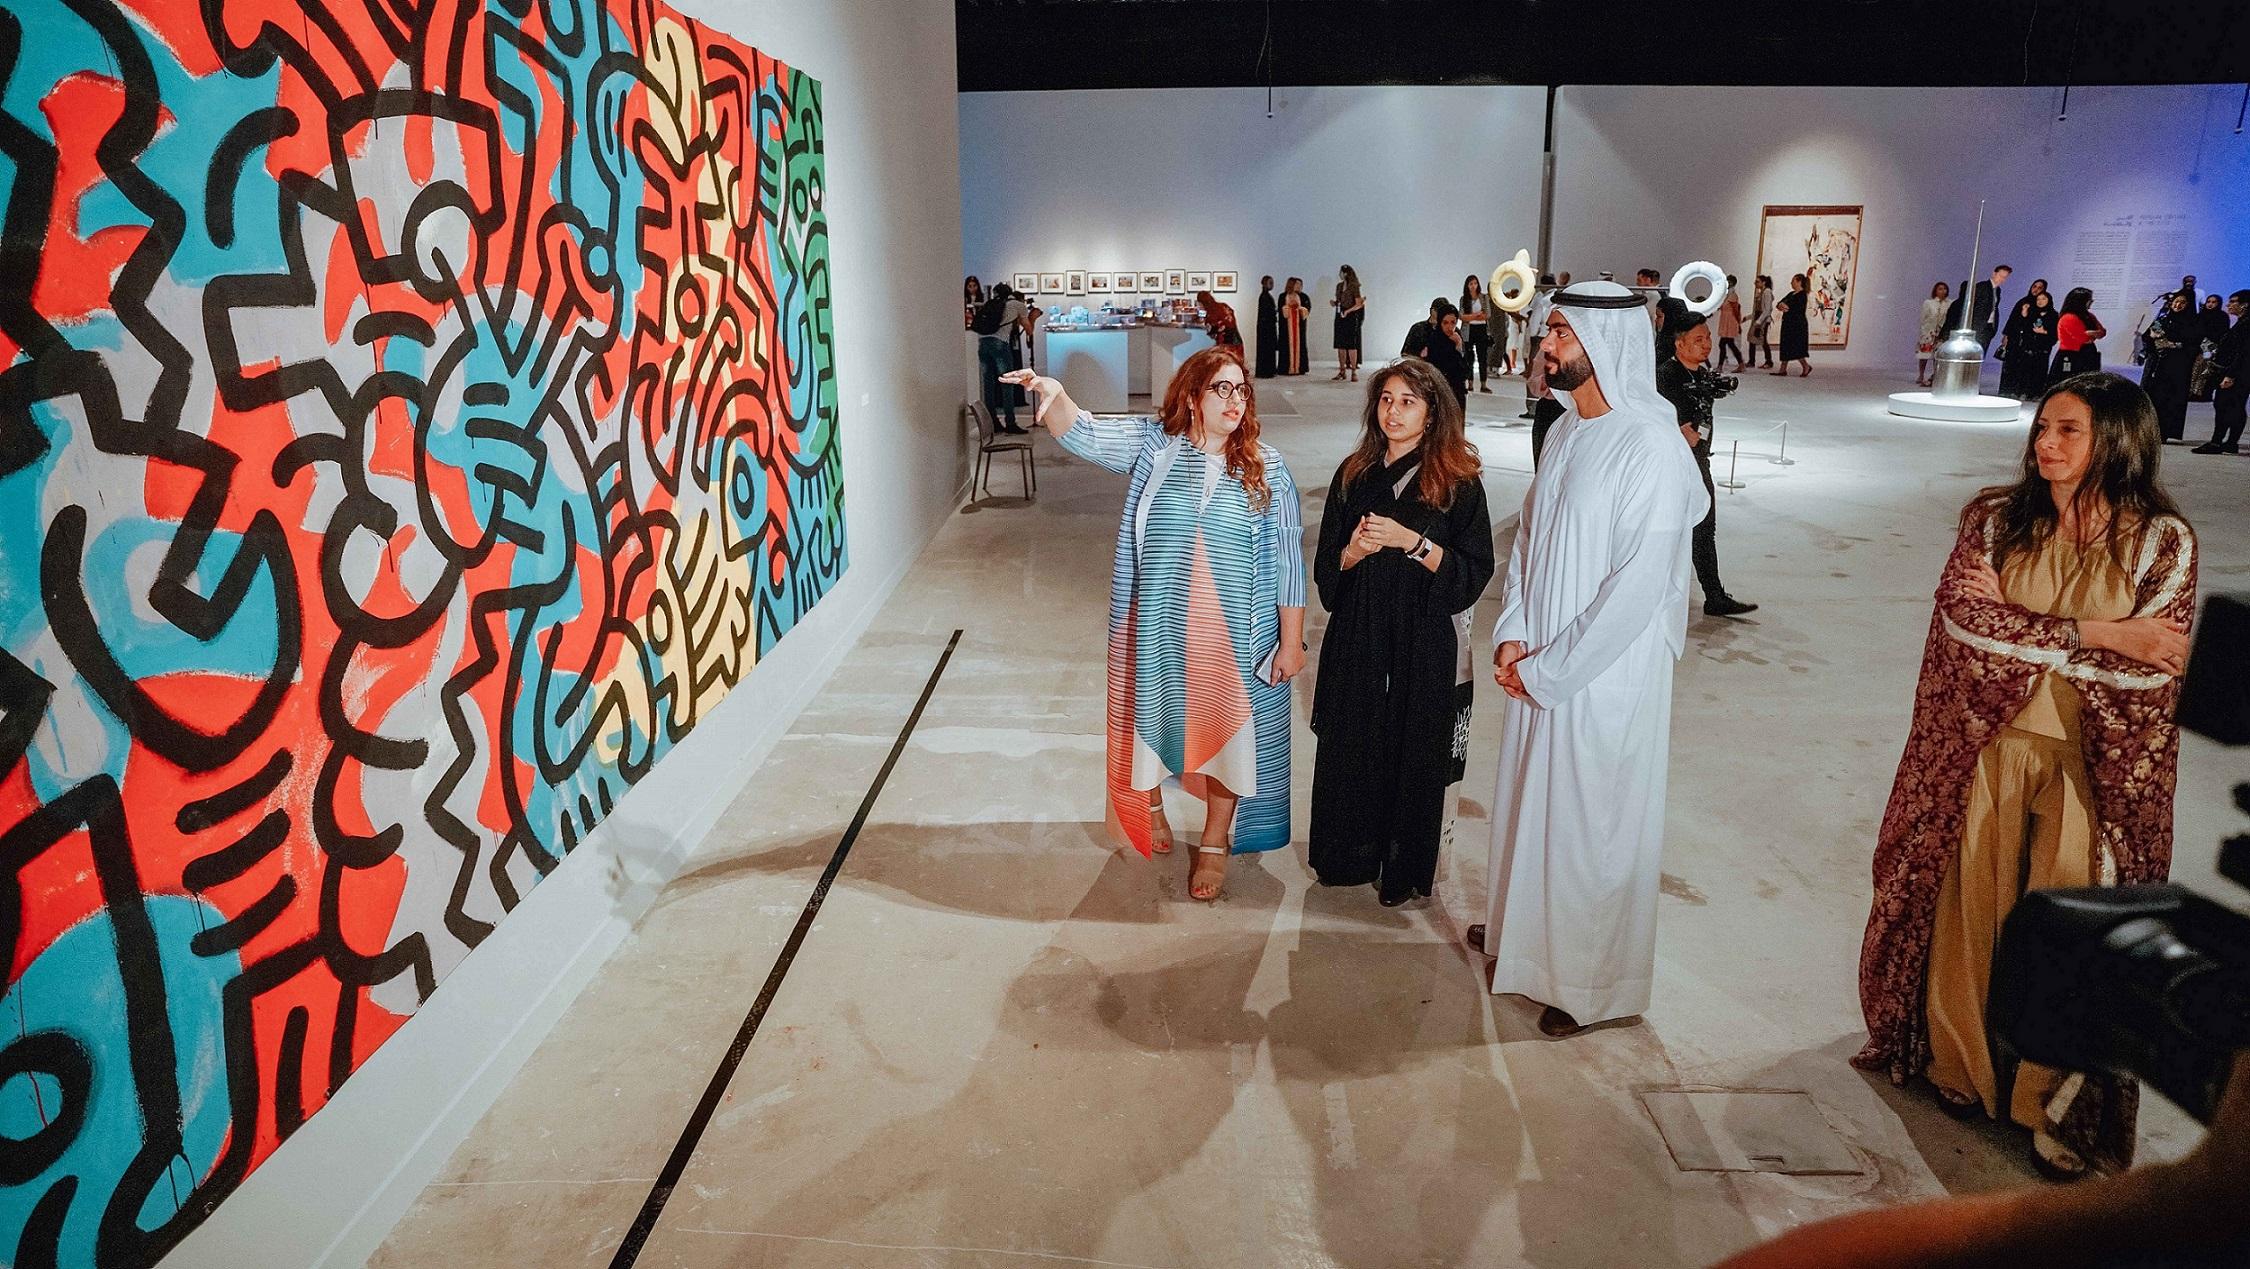 افتتاح معرض الفن والمدينة في منارة السعديات 2